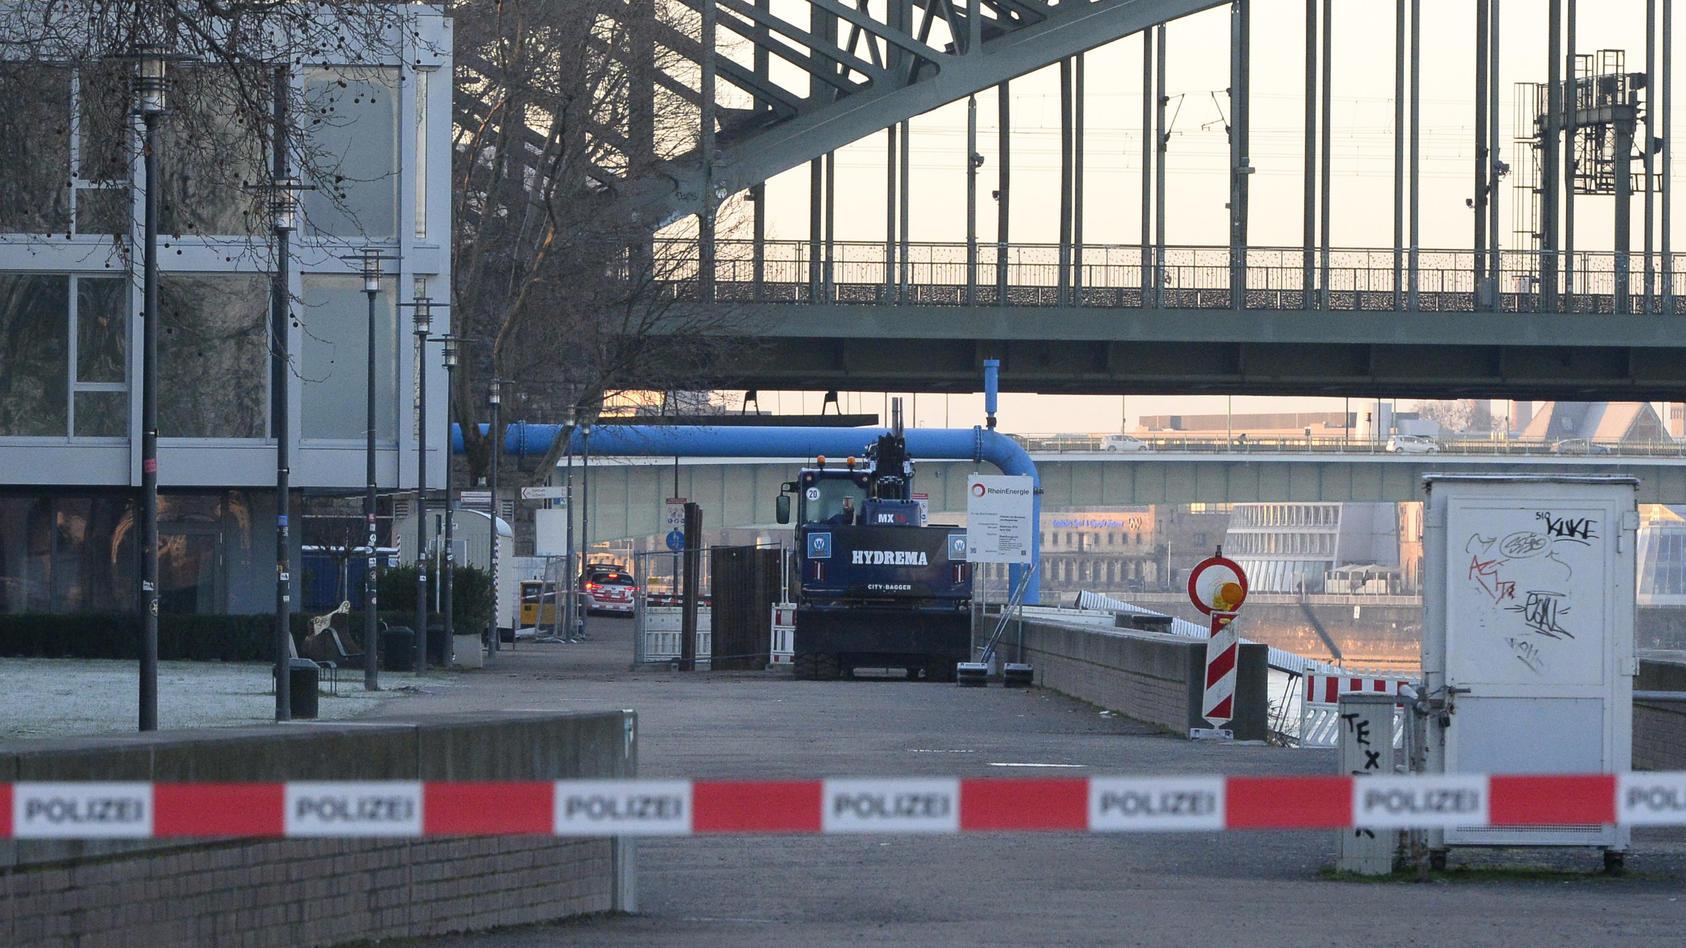 Bombenentschärfung in Köln.